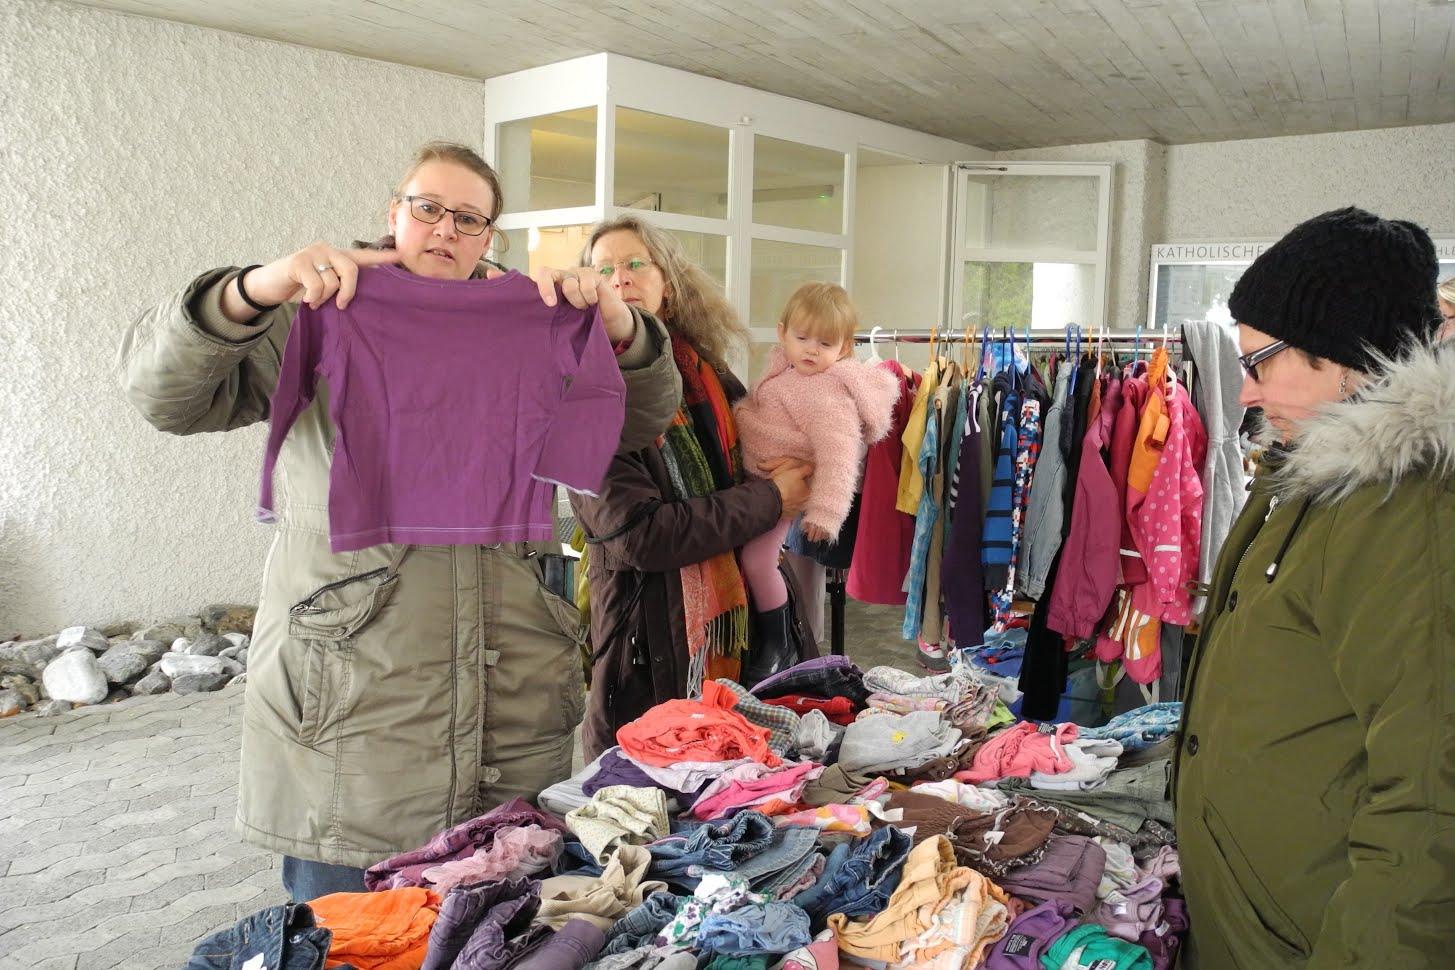 Neues Leitungsteam der Kinderkleider und Spielzeugbörse | Tüüfner ...